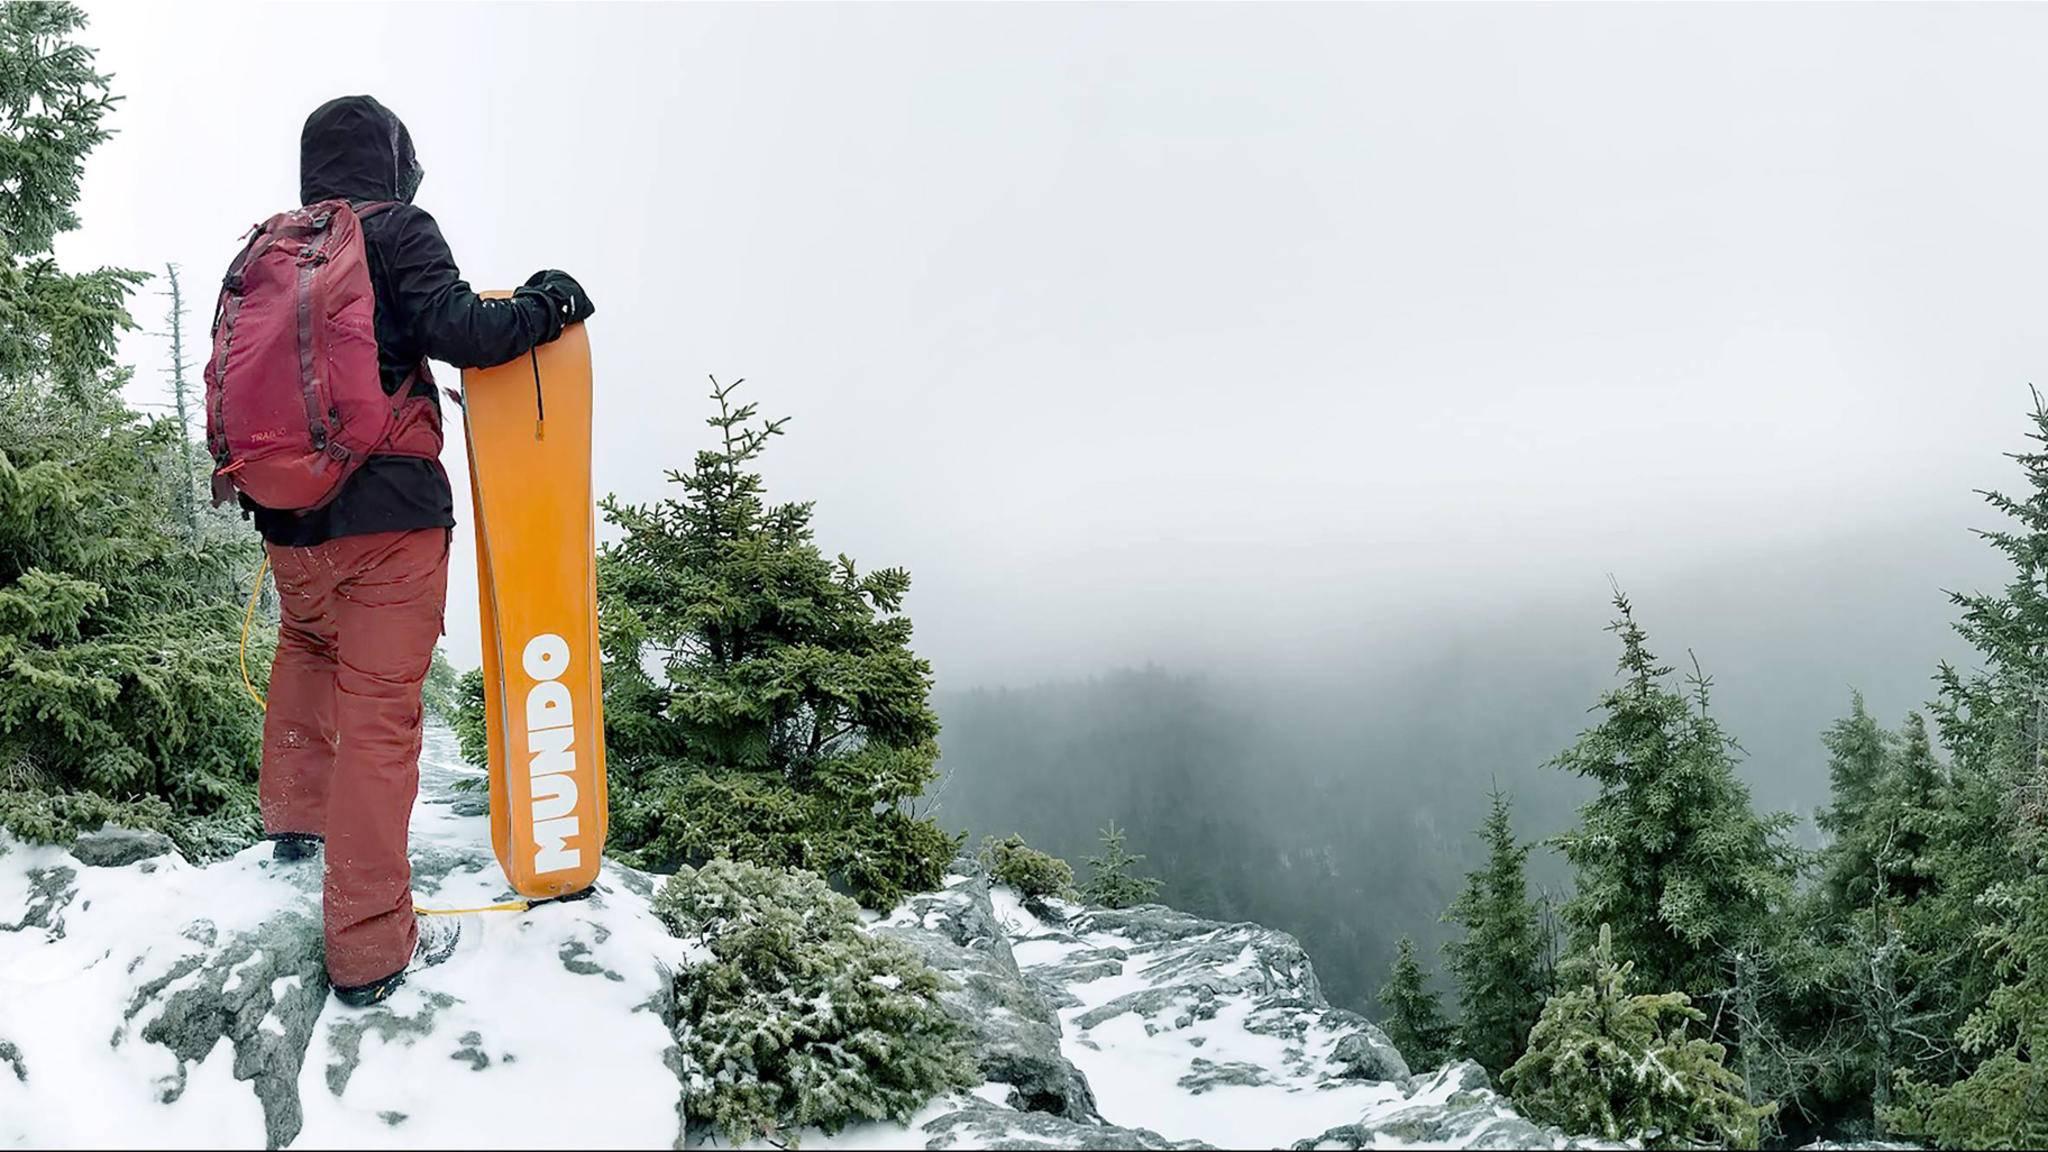 Das Mundo Trailboard kann Wanderungen im Schnee aufpeppen.